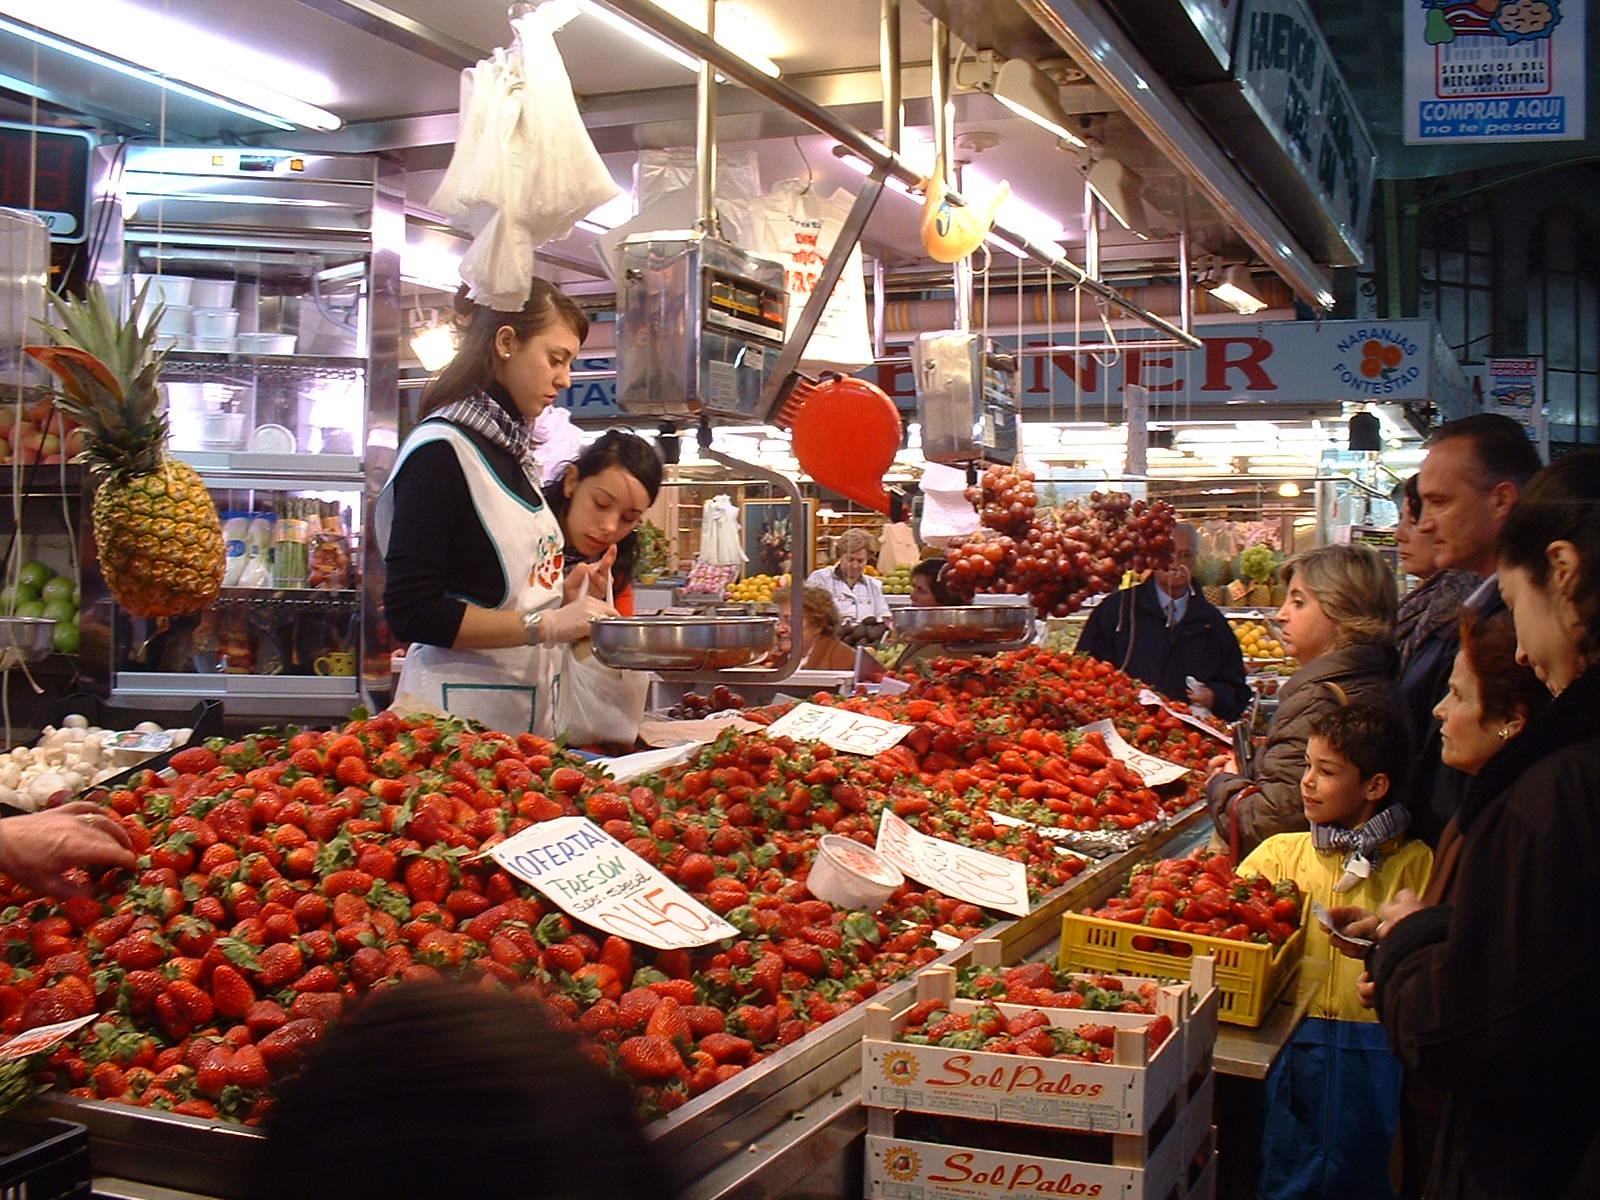 Mertcado Central, Valencia, Spain